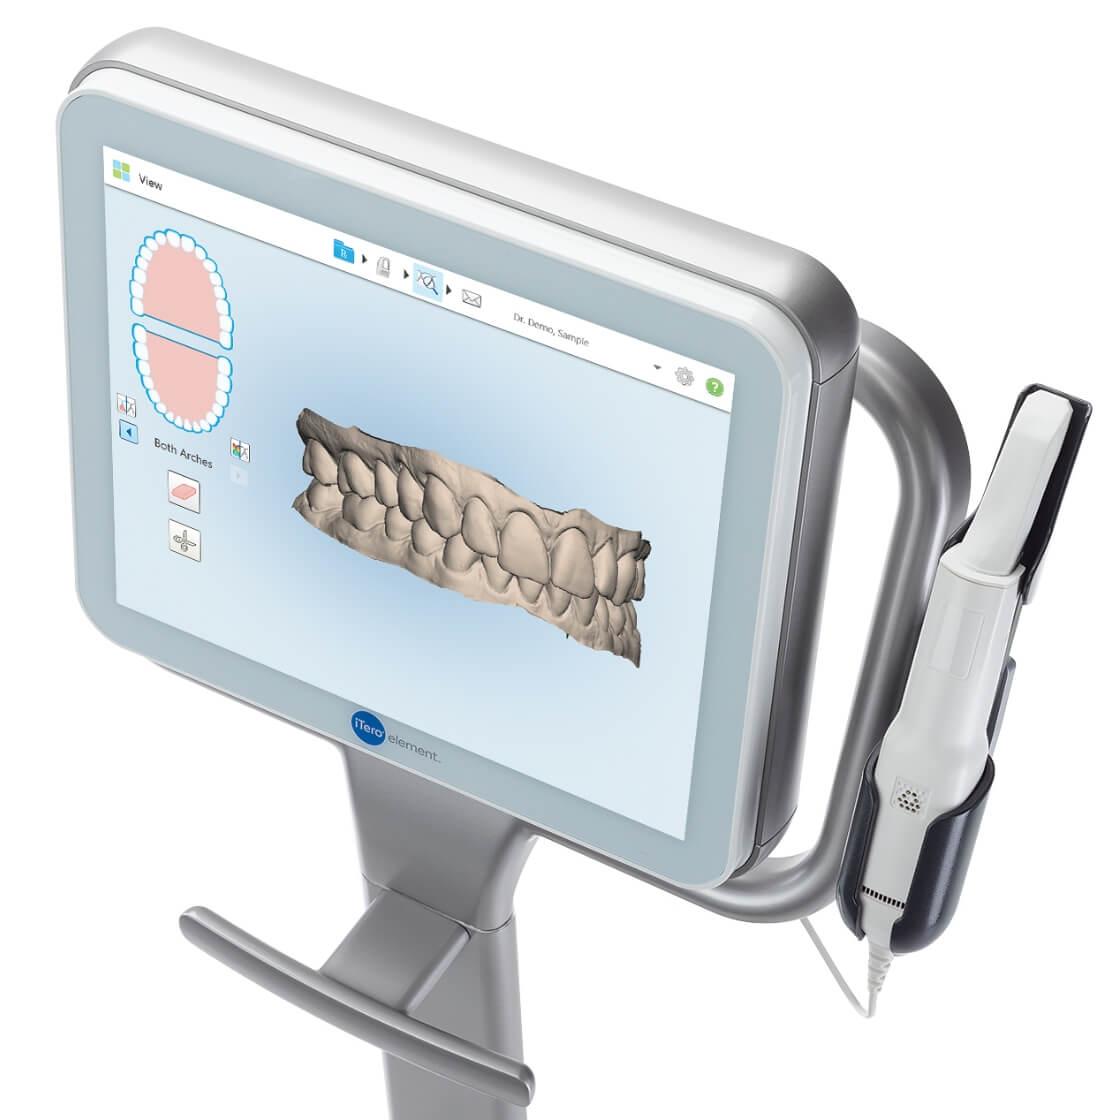 便利な3Dスキャナー「iTero Element (アイテロ エレメント)」を導入